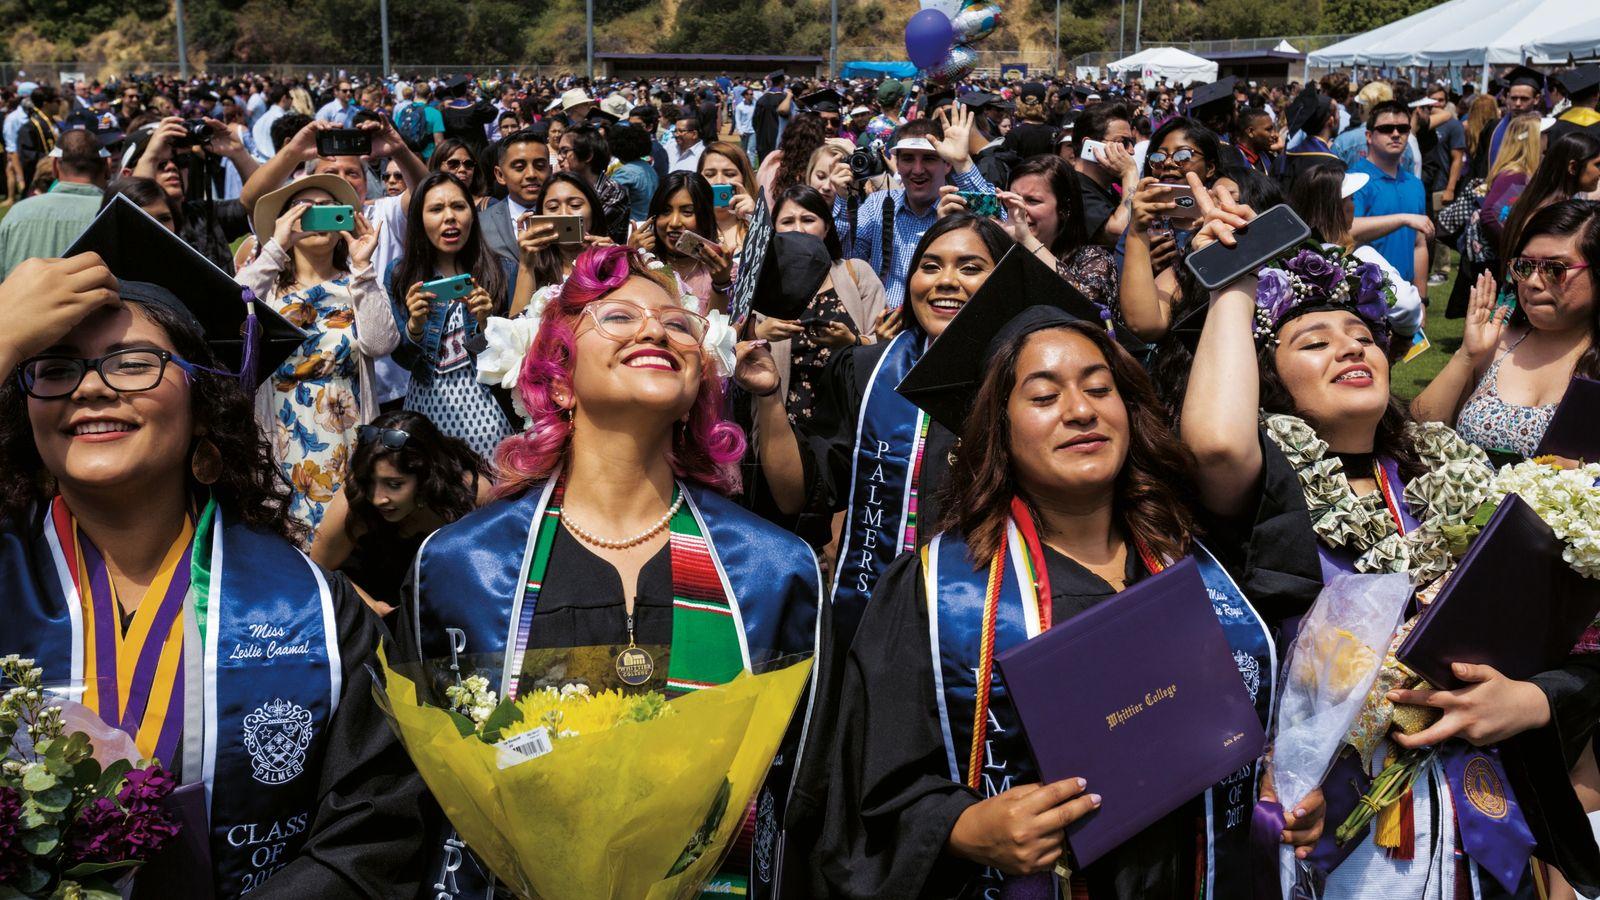 Studentinnen des kalifornischen Whittier College